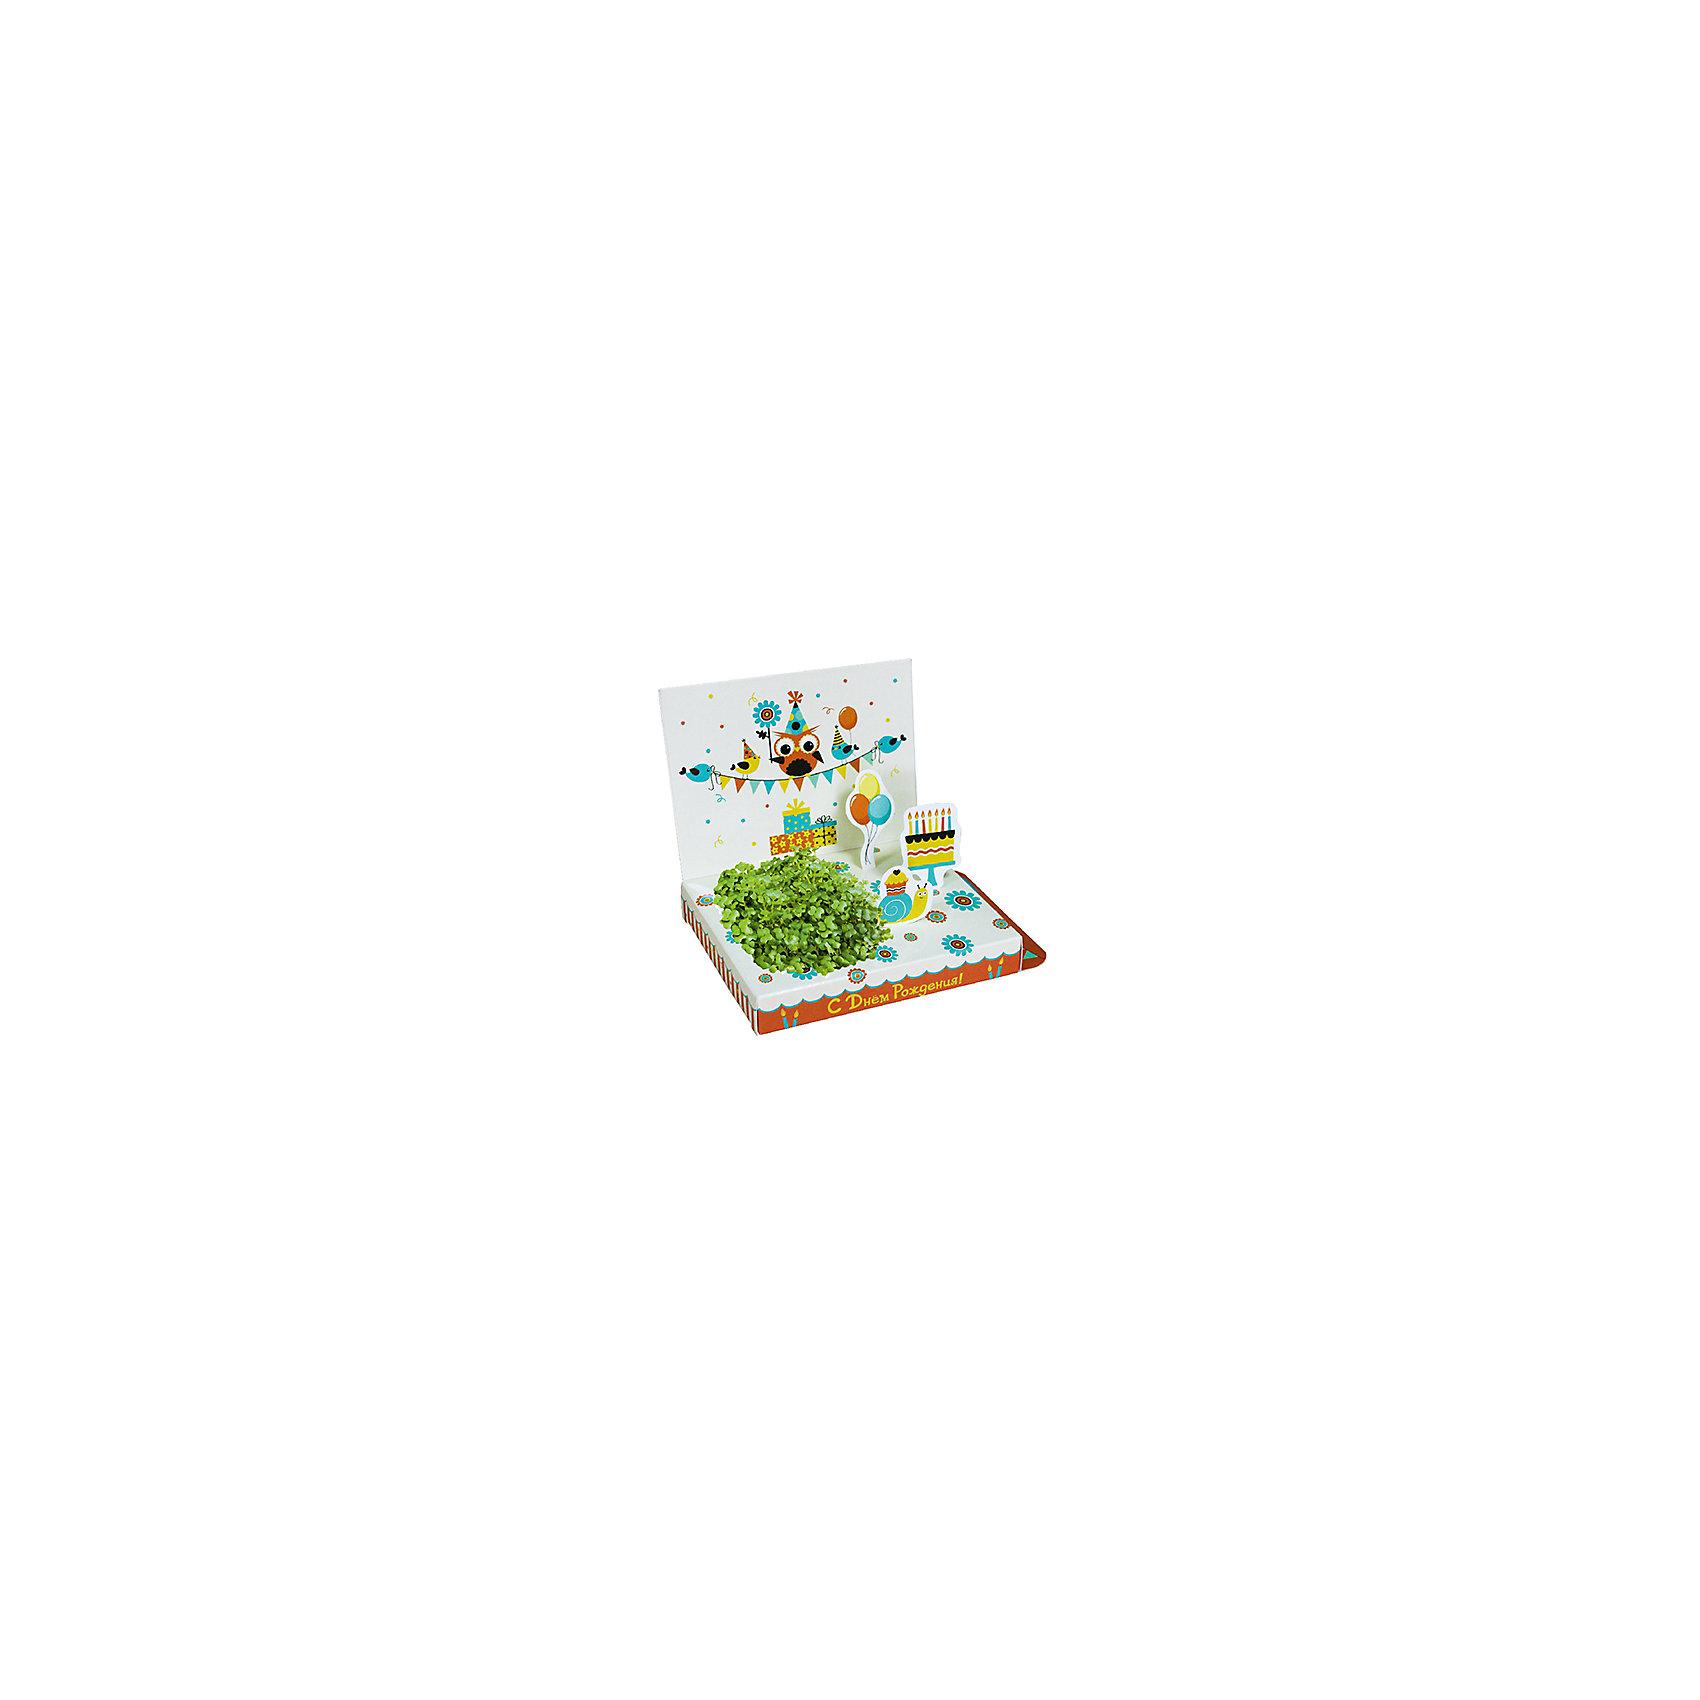 Набор для выращивания С Днем Рождения! - Совенок Happy PlantВыращивание растений<br>Подарочный набор С днем рождения! (Совенок), Happy Plant.<br><br>Характеристики:<br><br>• возможность вырастить настоящую травку, не выходя из дома<br>• прост в использовании<br>• подходит в качестве подарка<br>• есть место для поздравительной надписи<br>• безопасные материалы<br>• гарантия качества<br>• в комплекте: открытка, фигурки, семена, контейнер для растений, агроткань<br>• размер упаковки: 15х11х2,5 см<br>• вес: 30 грамм<br><br>Набор С днем рождения станет приятным и необычным подарком близкому человеку. С его помощью ребенок сможет создать свой мини-садик. Благодаря пошаговой инструкции, он не запутается в последовательности процесса. Качественные семена базилика и агроткань гарантируют стопроцентный результат. Открытка украшена забавным совенком и различными праздничными атрибутами. Сзади есть специальное место для поздравлений и теплых слов. Такой оригинальный подарок придется по вкусу каждому!<br><br>Подарочный набор С днем рождения! (Совенок), Happy Plant вы можете купить в нашем интернет-магазине.<br><br>Ширина мм: 150<br>Глубина мм: 80<br>Высота мм: 25<br>Вес г: 30<br>Возраст от месяцев: 168<br>Возраст до месяцев: 240<br>Пол: Унисекс<br>Возраст: Детский<br>SKU: 5053971